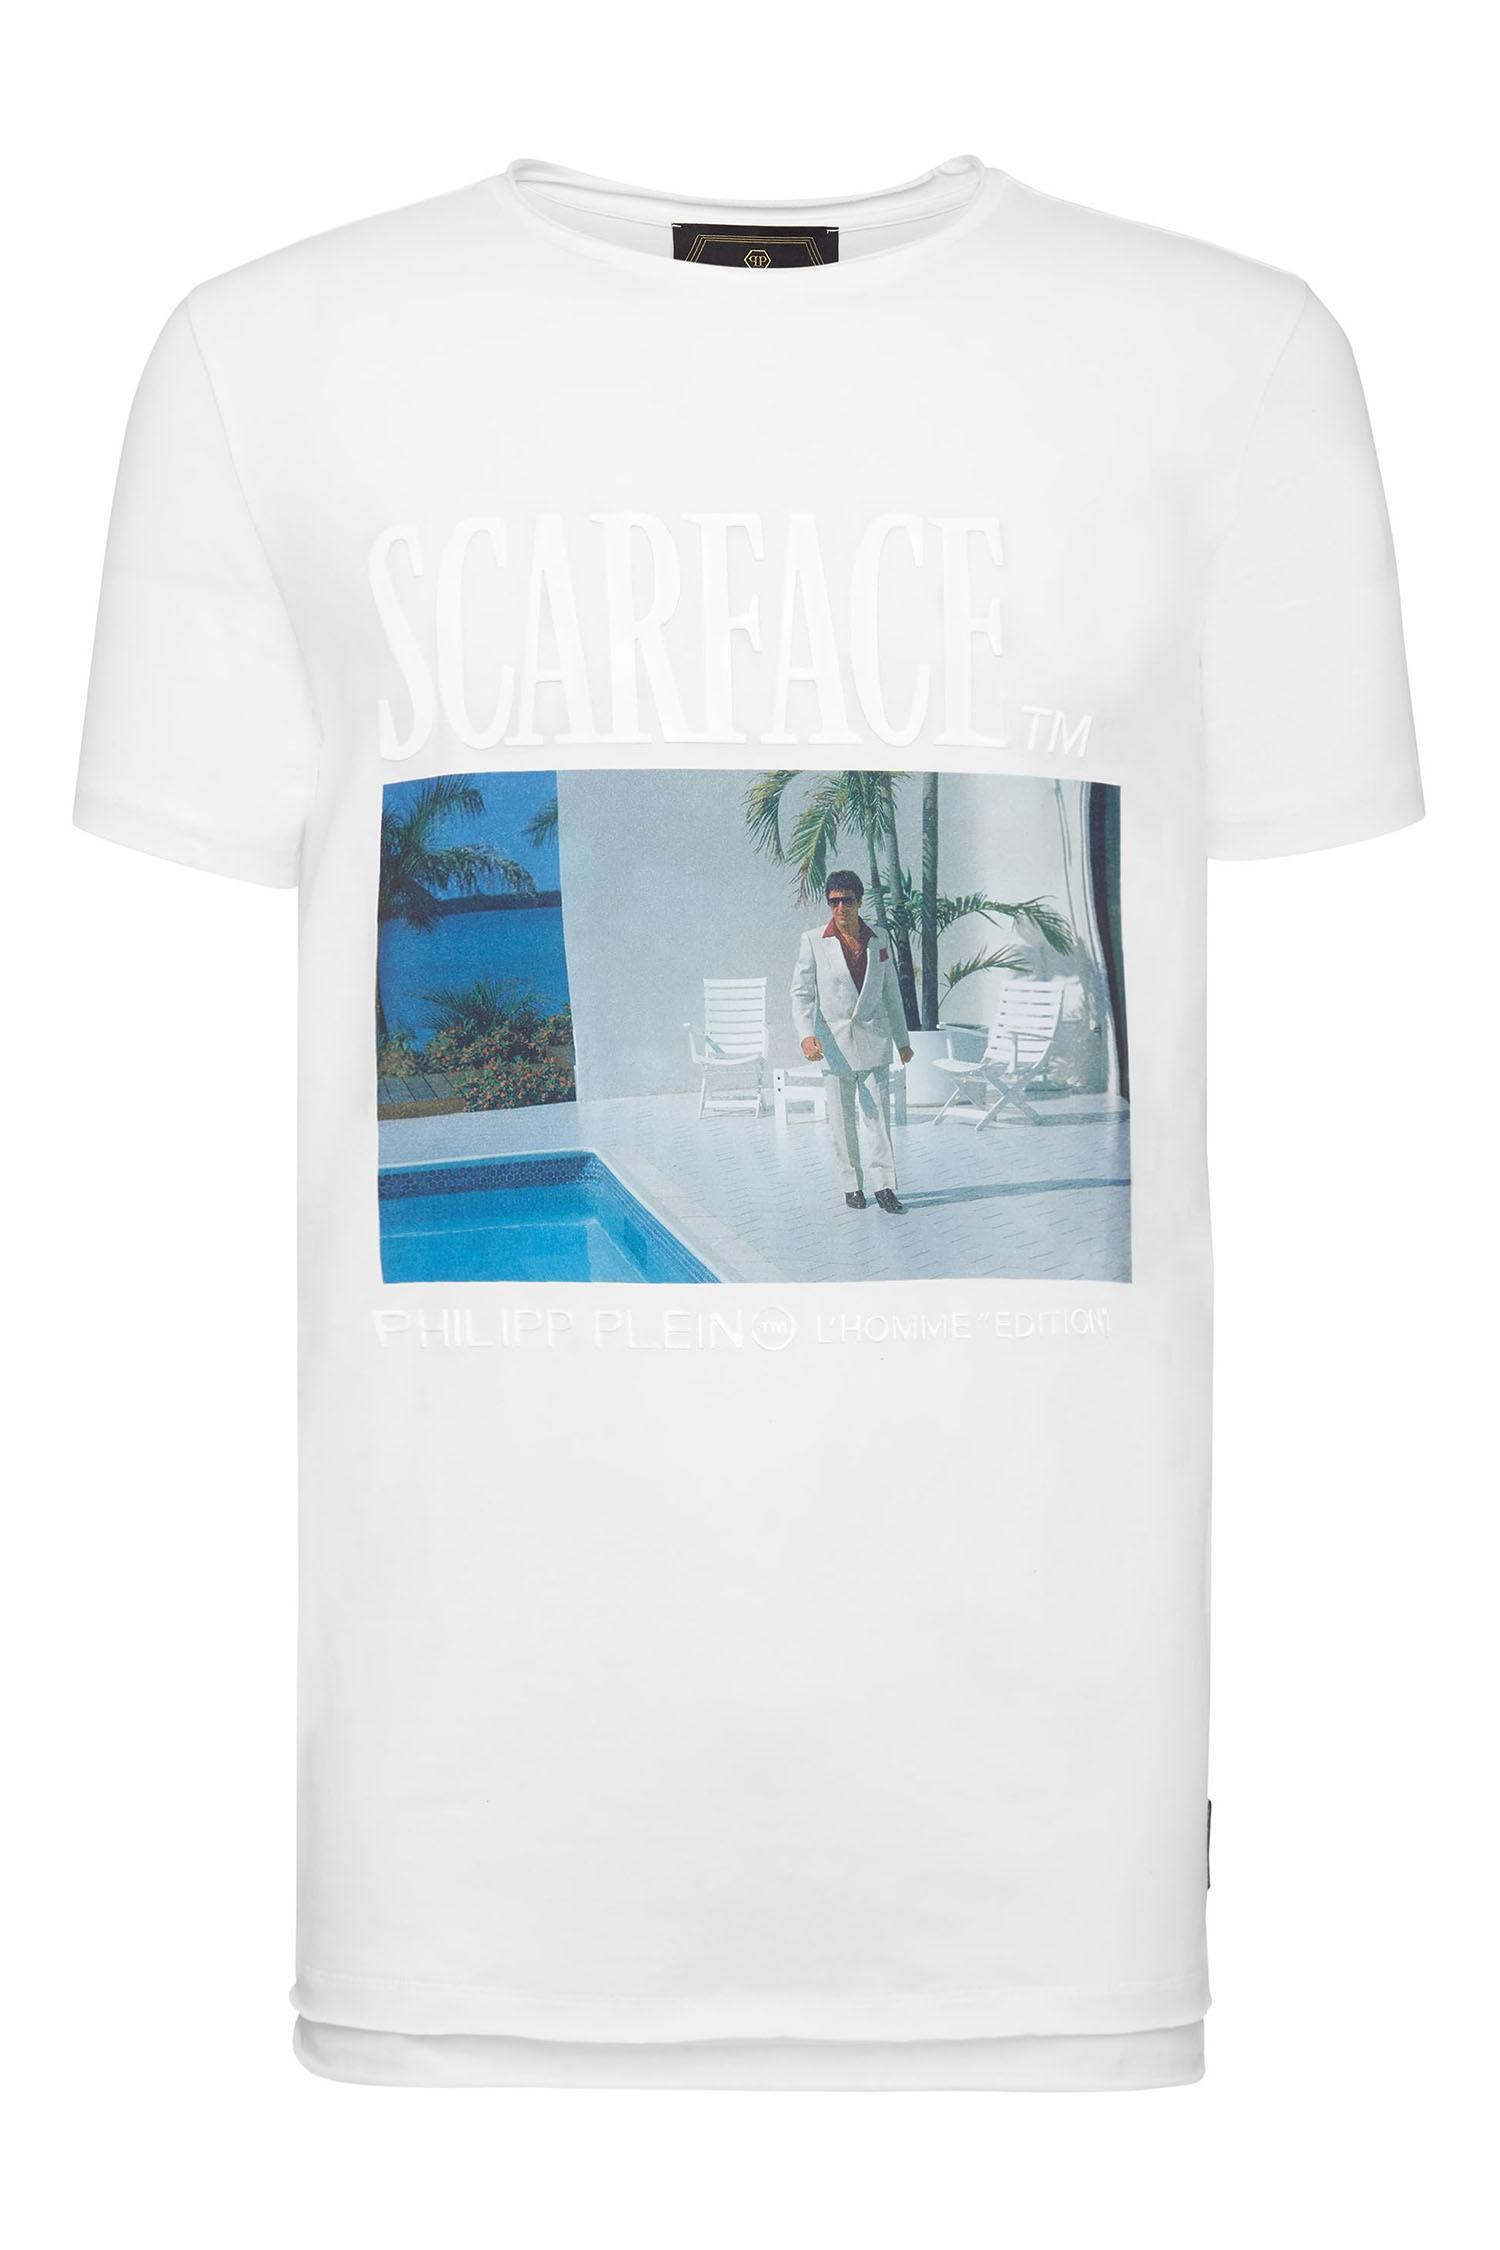 fb4093973a278 Мужские брендовые футболки и поло - купить майку в интернет-магазине  Aizel.ru, цены в каталоге